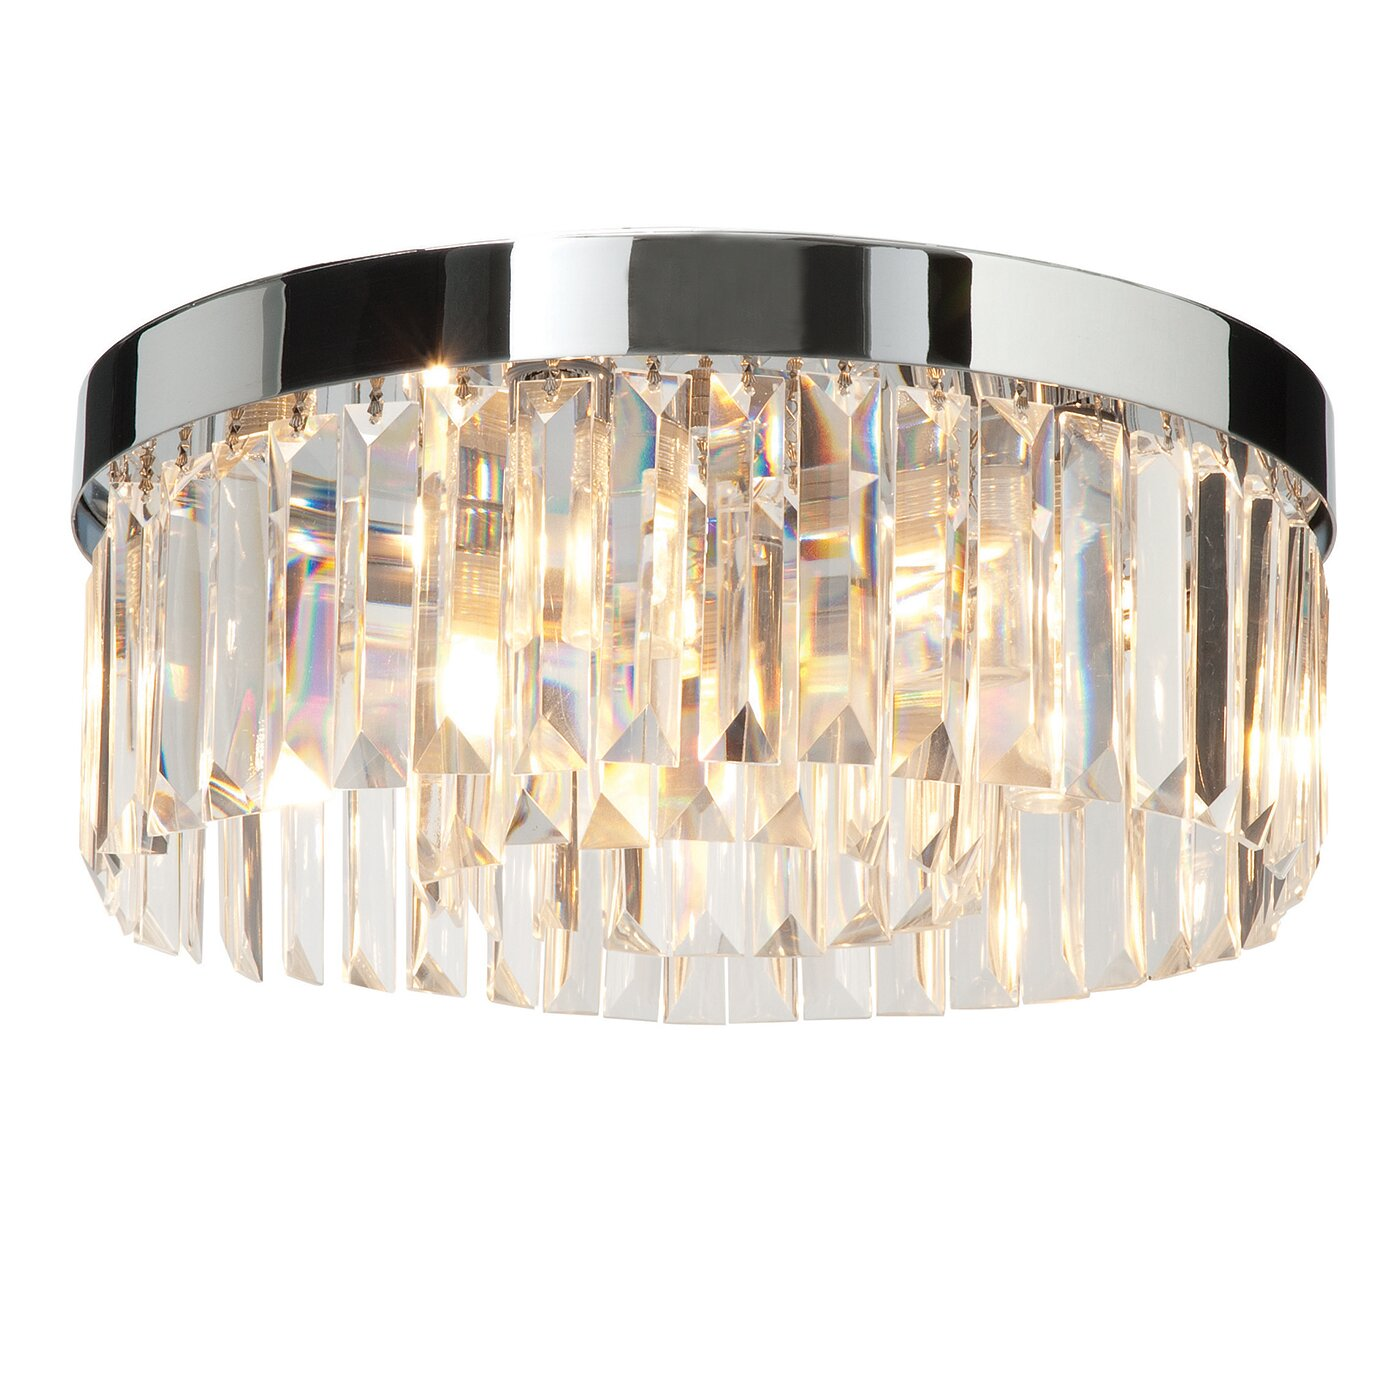 Saxby Lighting Crystal 5 Light Flush Ceiling Light